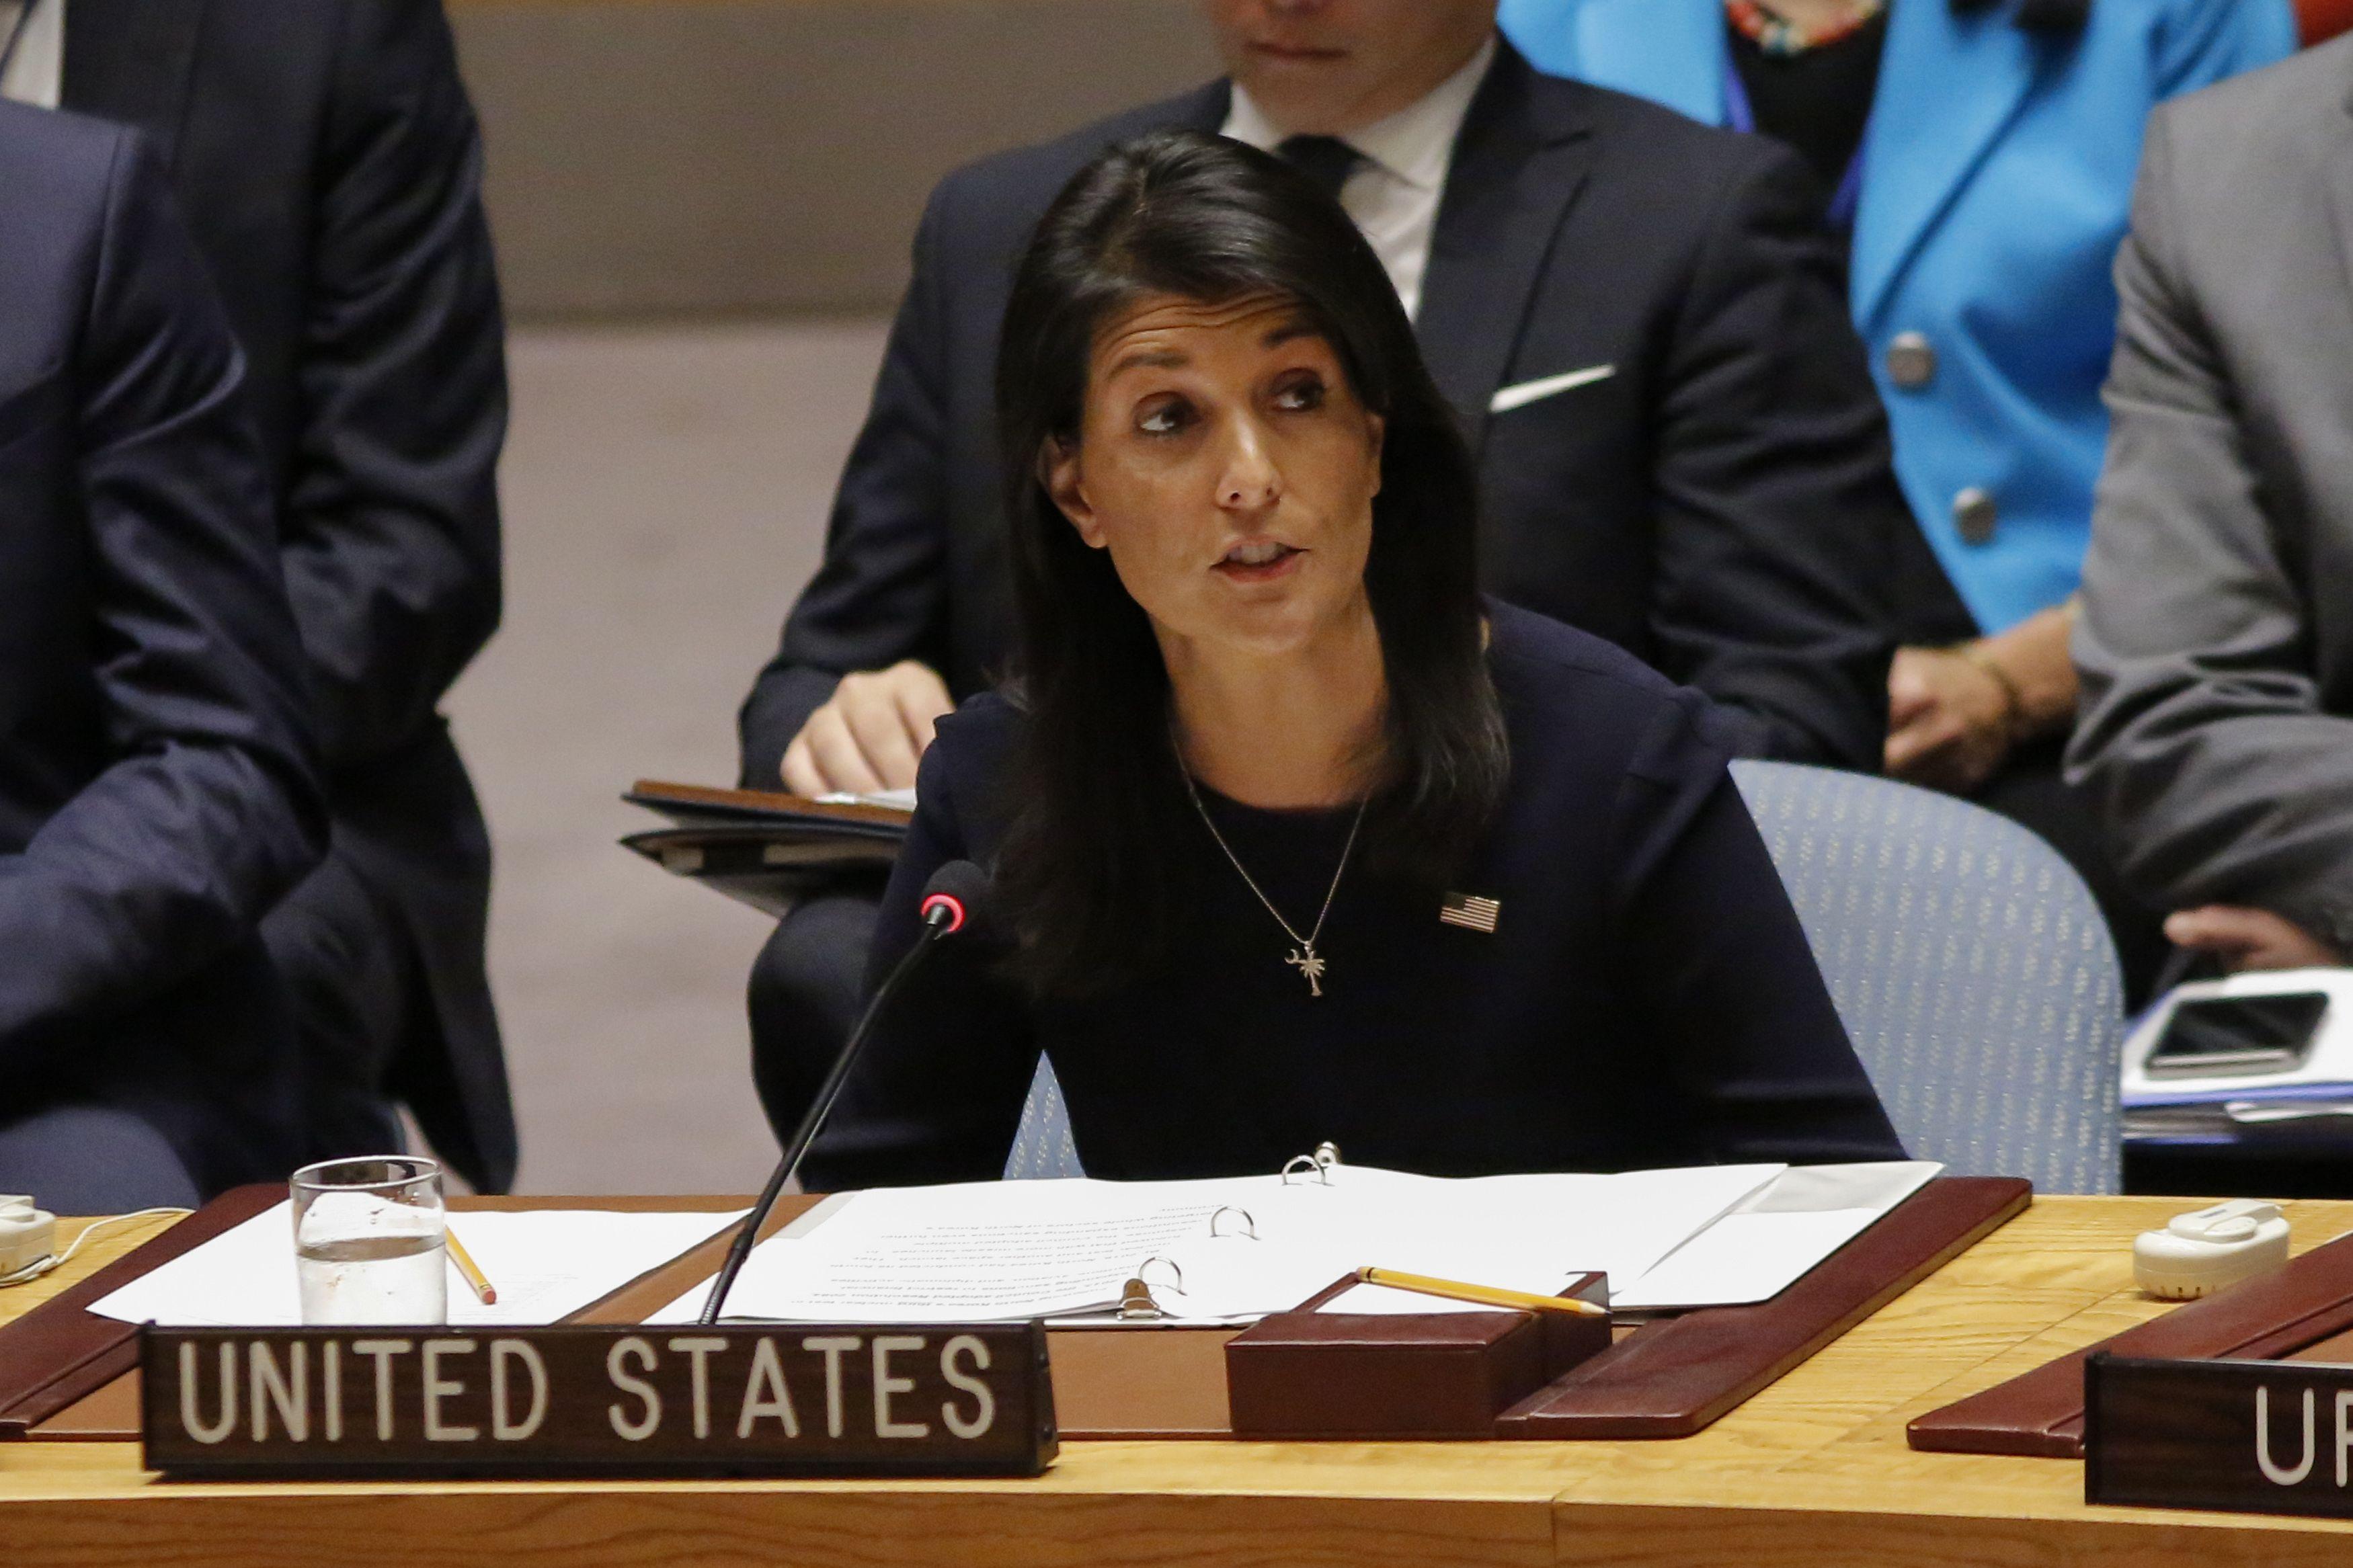 由於朝鮮半島形勢緊張,美國駐聯合國大使海理在安理會強調美方立場。(Getty Images)